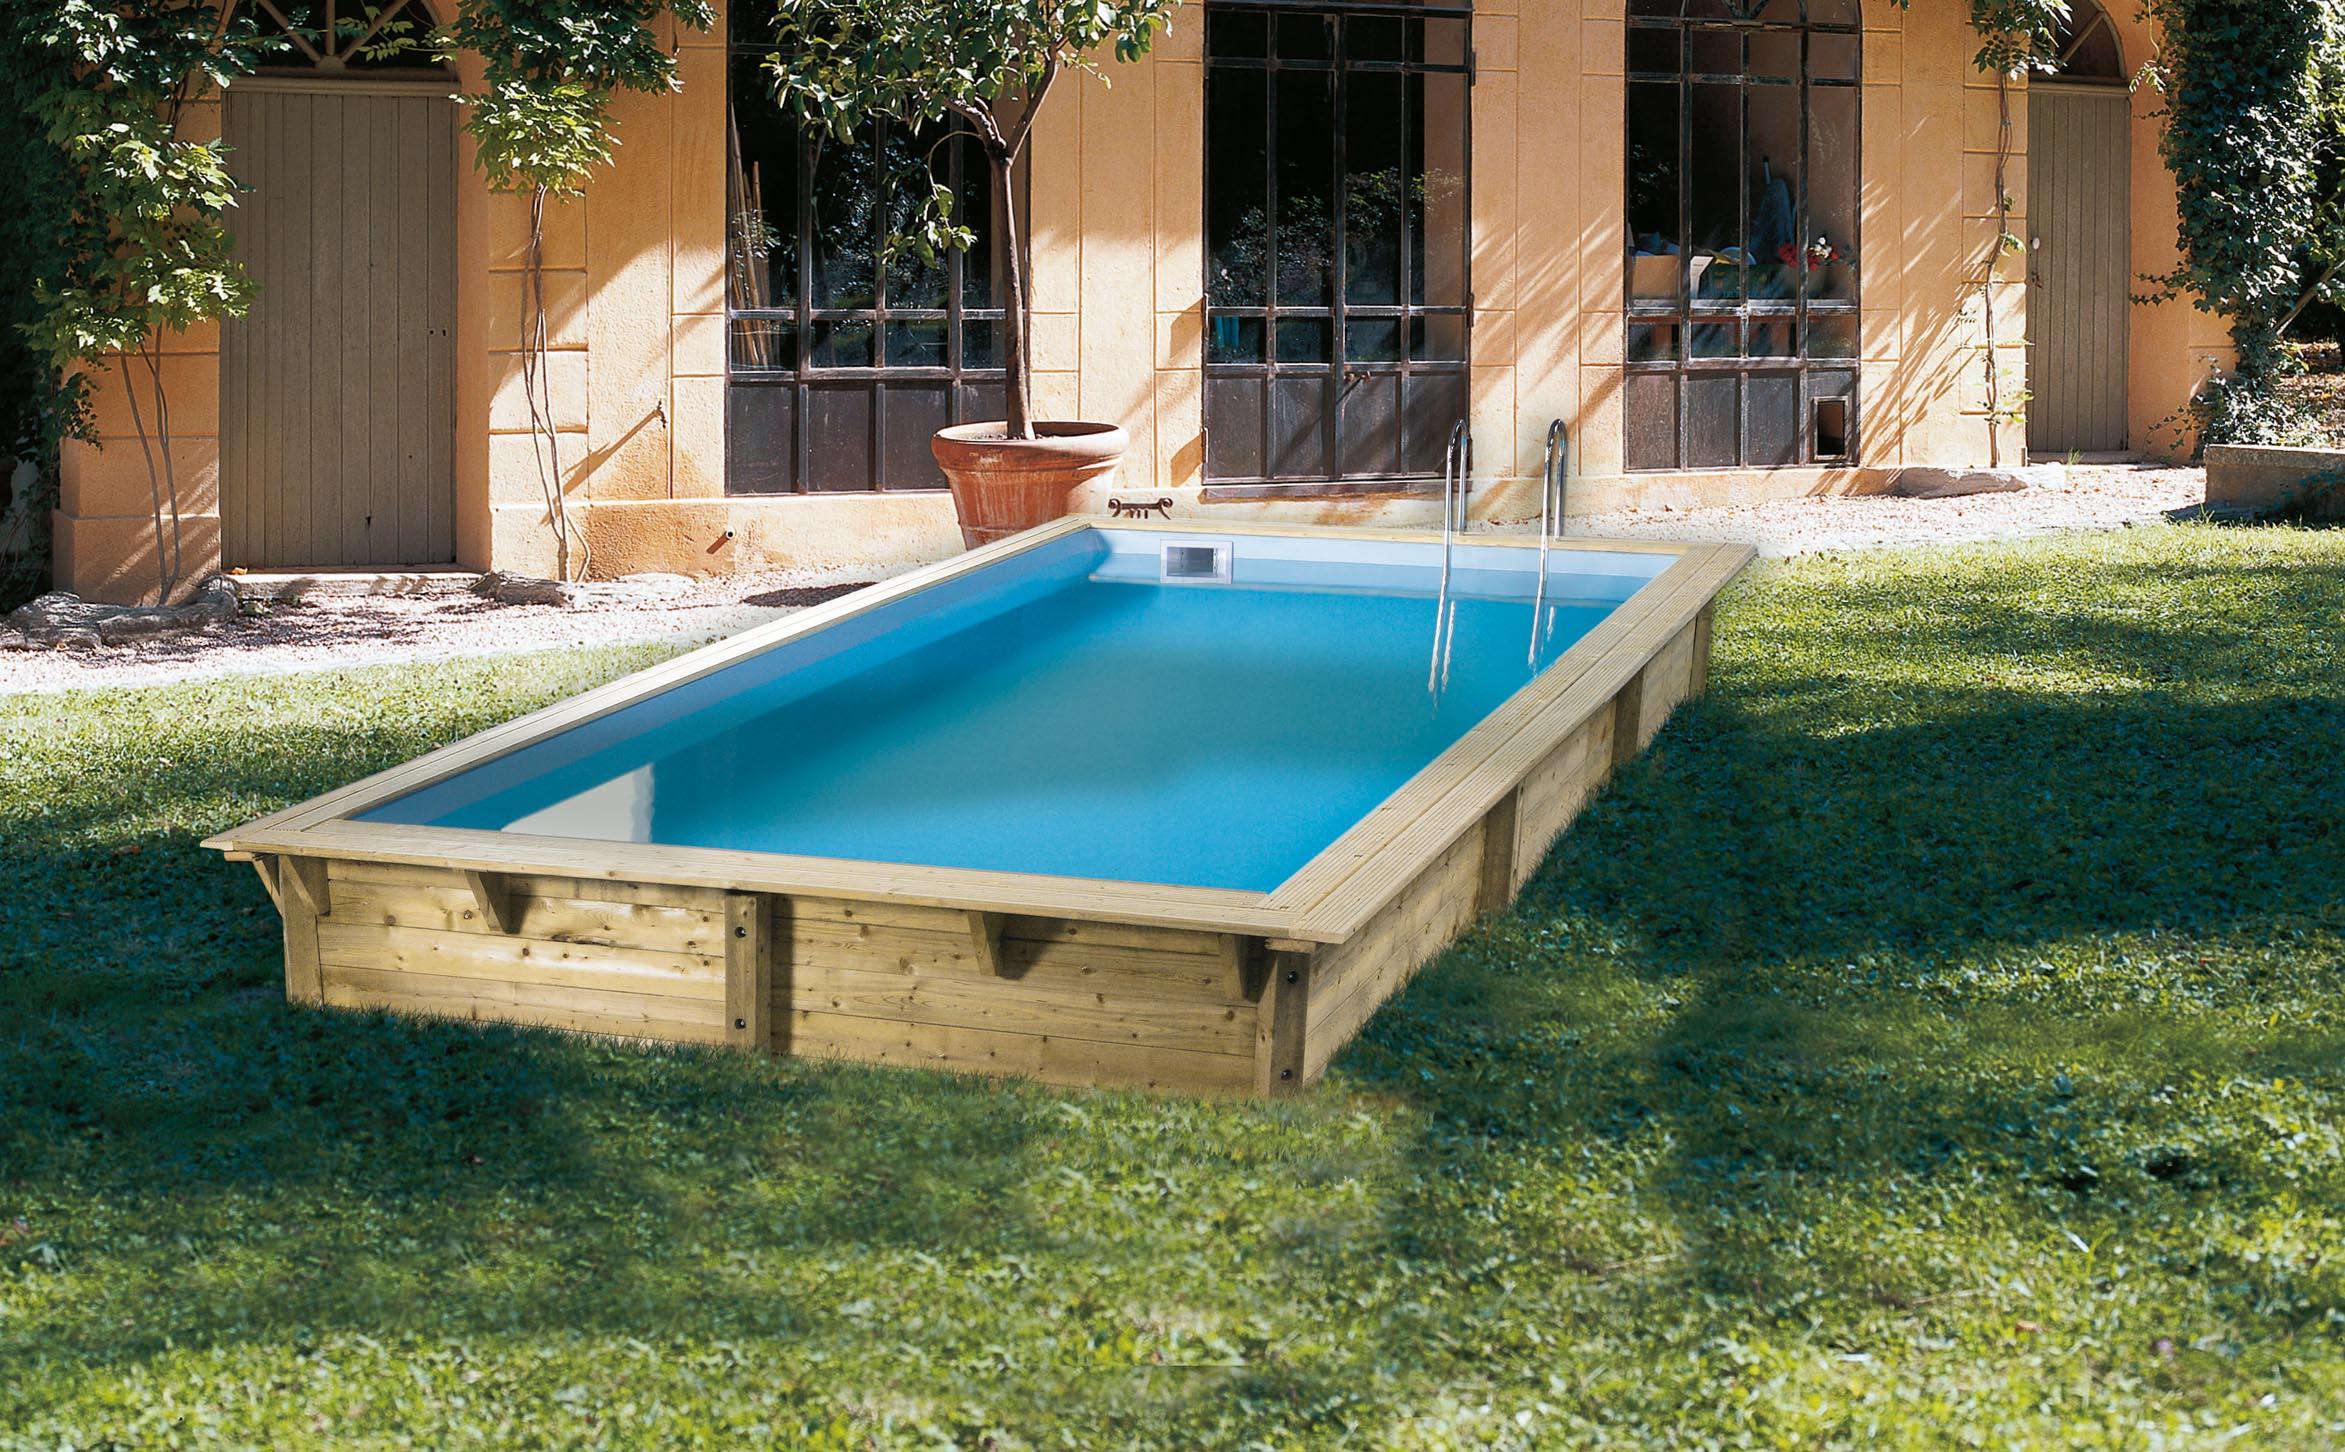 Piscina de madera 505cm x 350cm x 126cm piscinas athena for Ofertas piscinas desmontables rectangulares